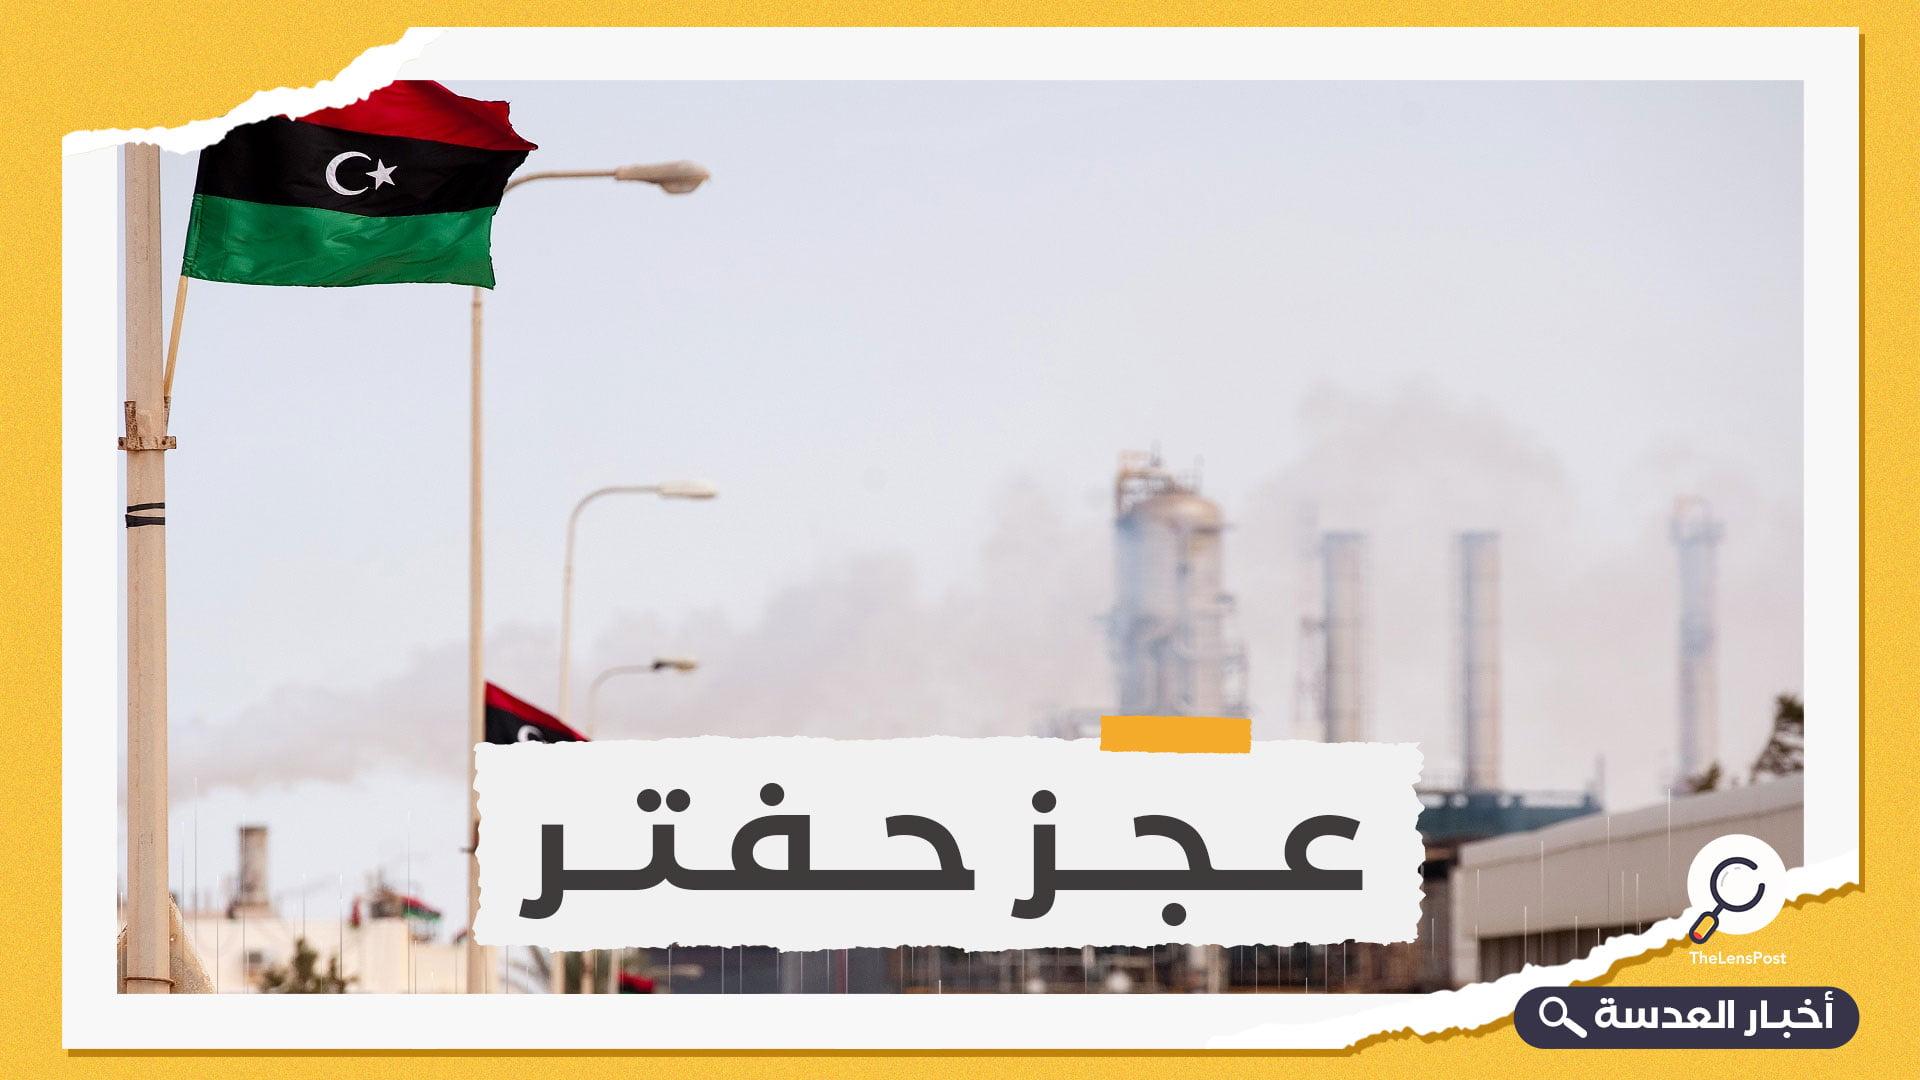 وقف تصدير النفط الليبي مجددًا بسبب عجز حفتر